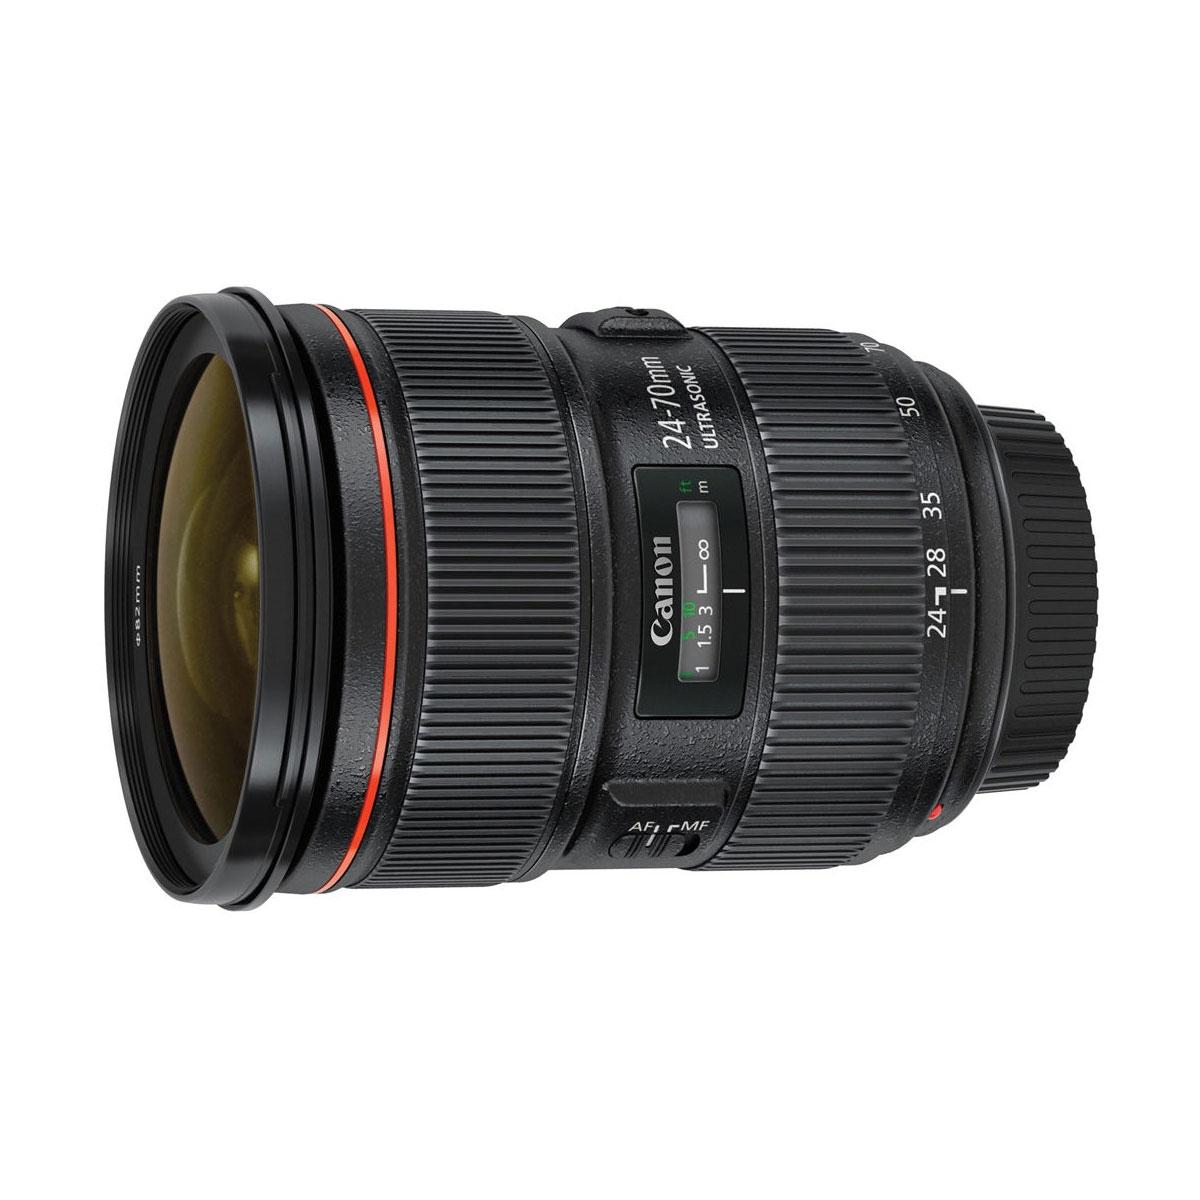 canon ef 24 70mm f2 8 l ii usm lens with case and lens. Black Bedroom Furniture Sets. Home Design Ideas